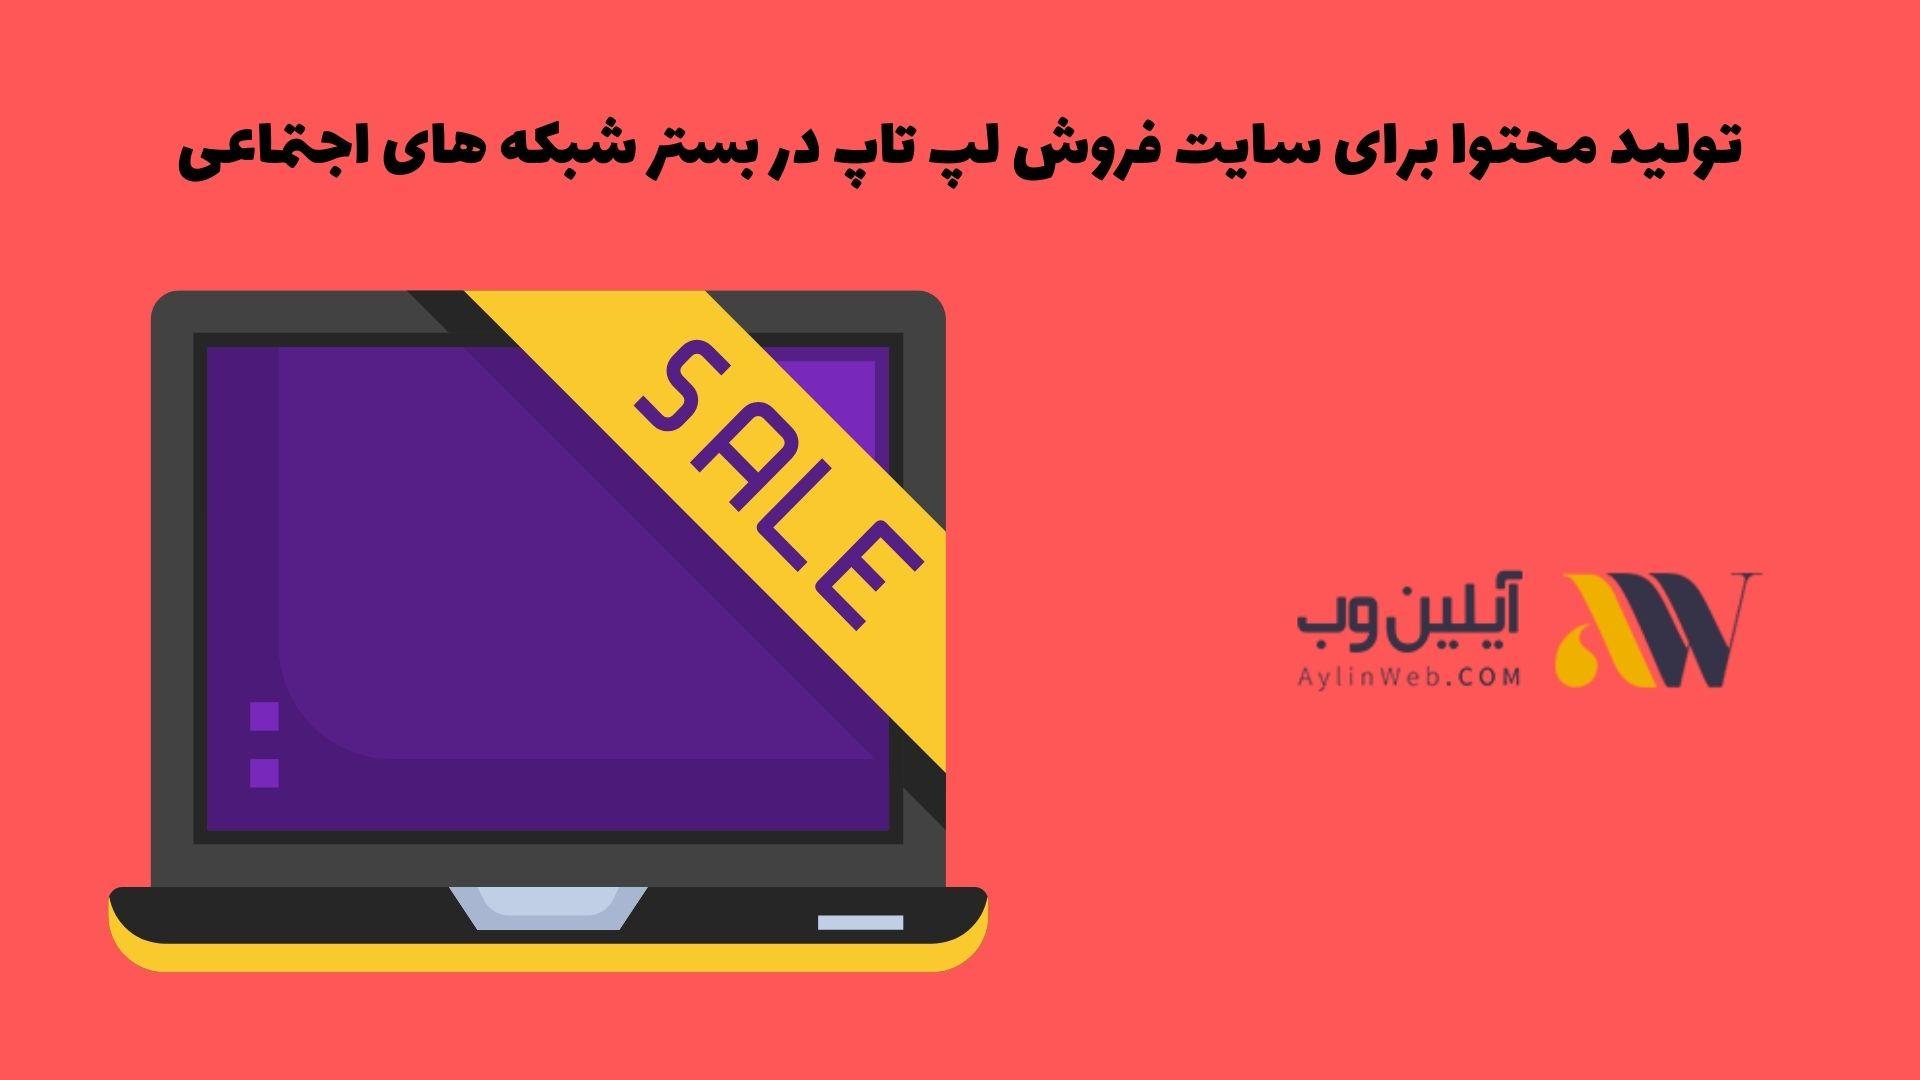 تولید محتوا برای سایت فروش لپ تاپ در بستر شبکه های اجتماعی